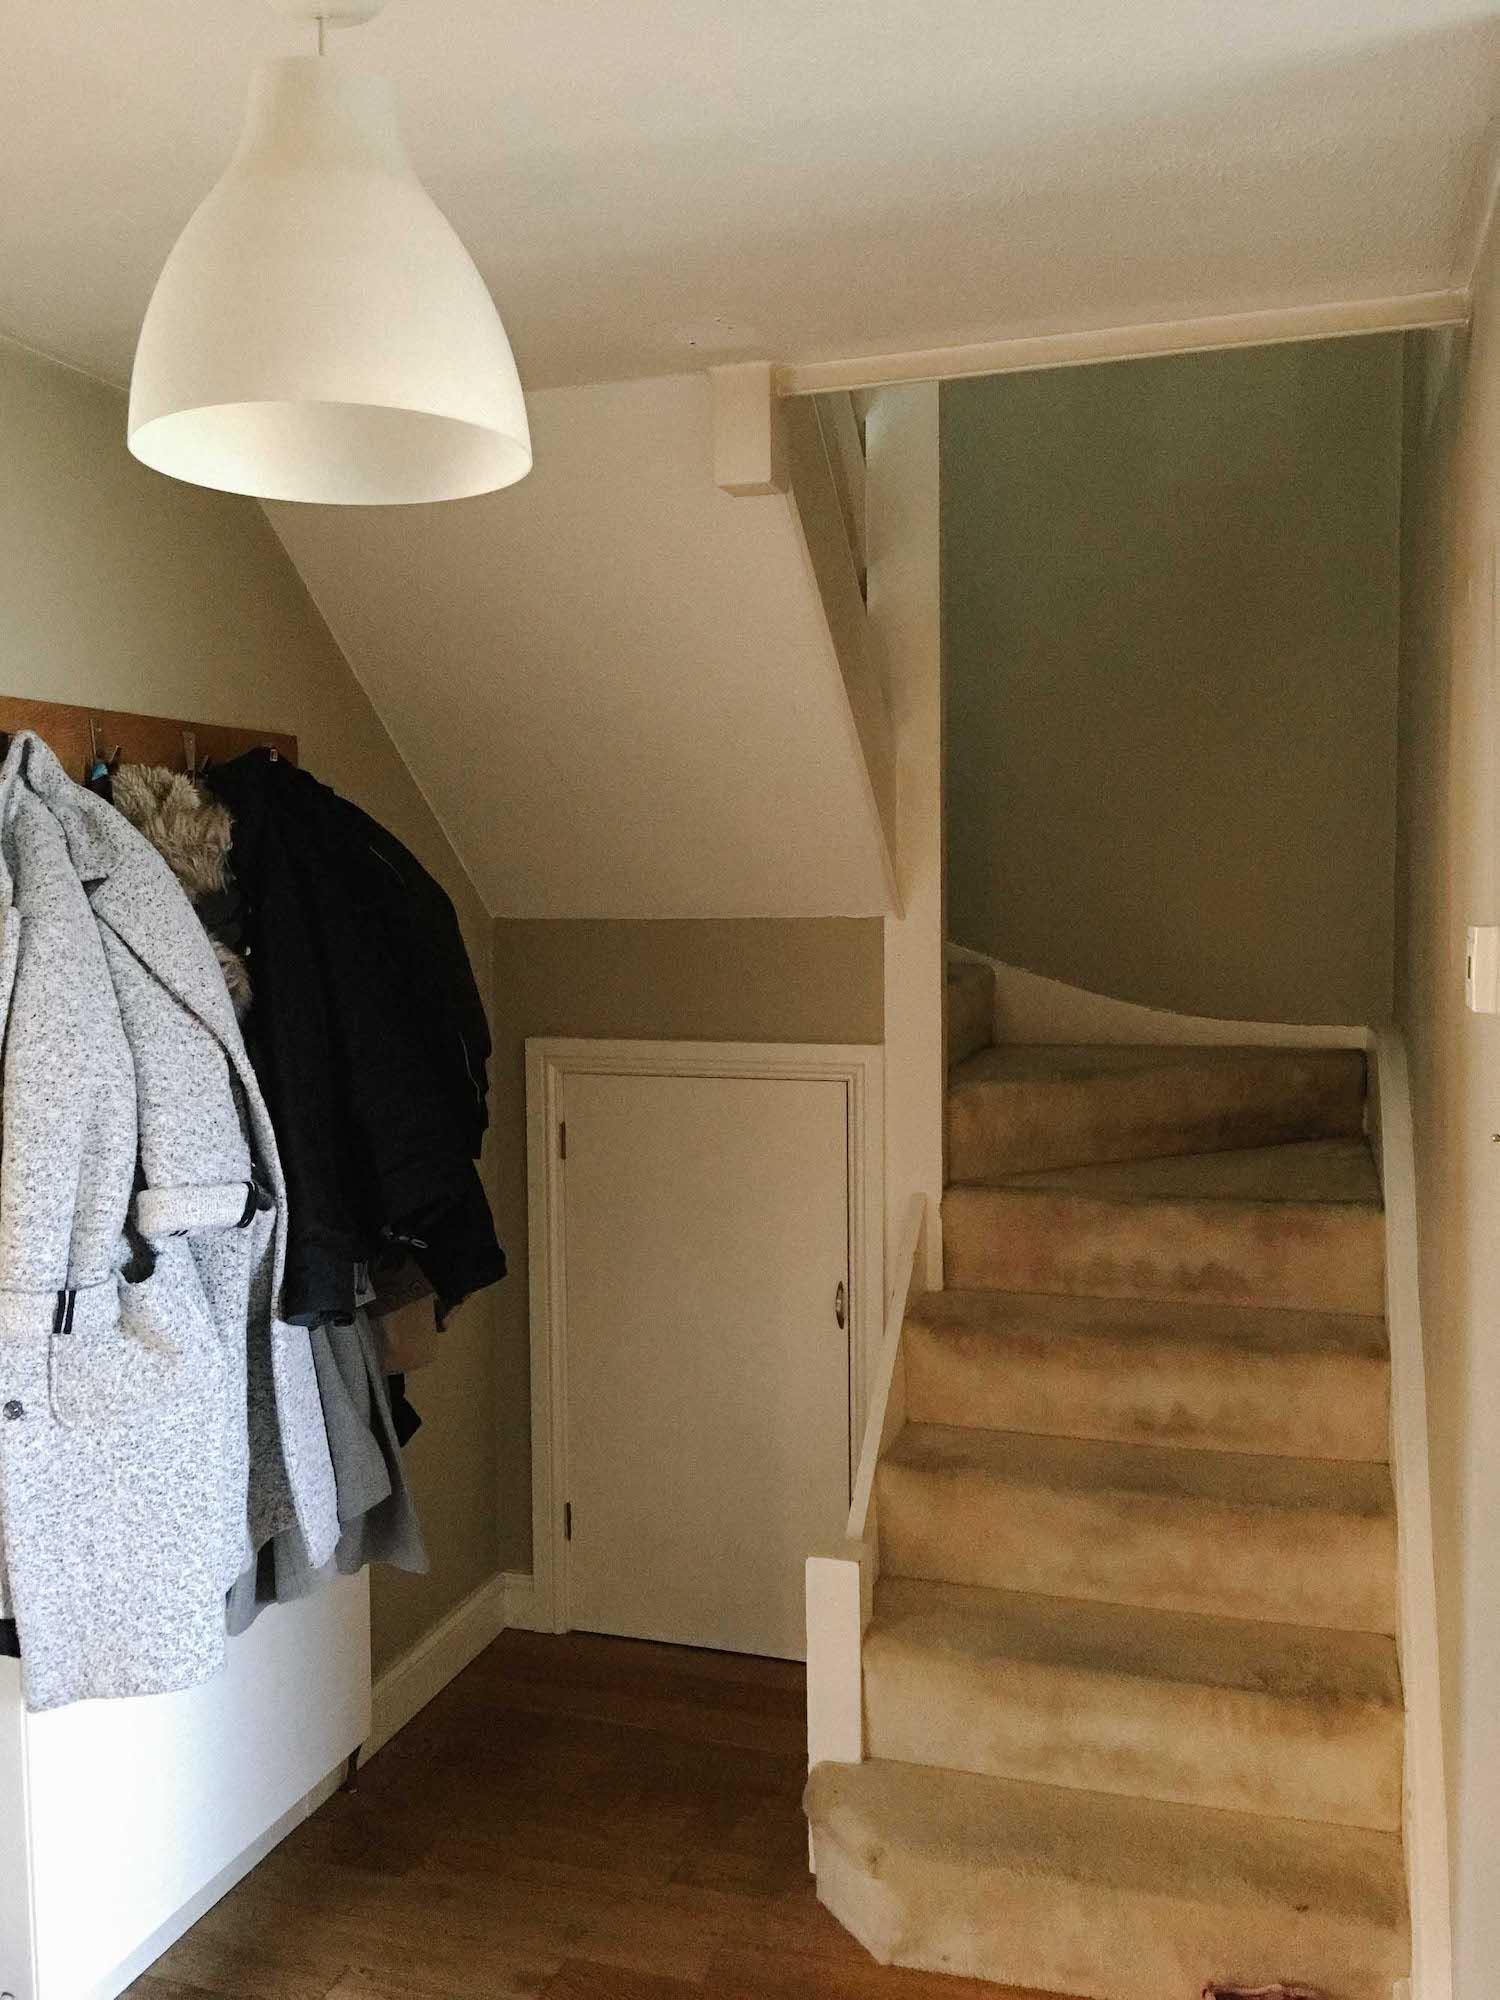 2 hallway before.jpg